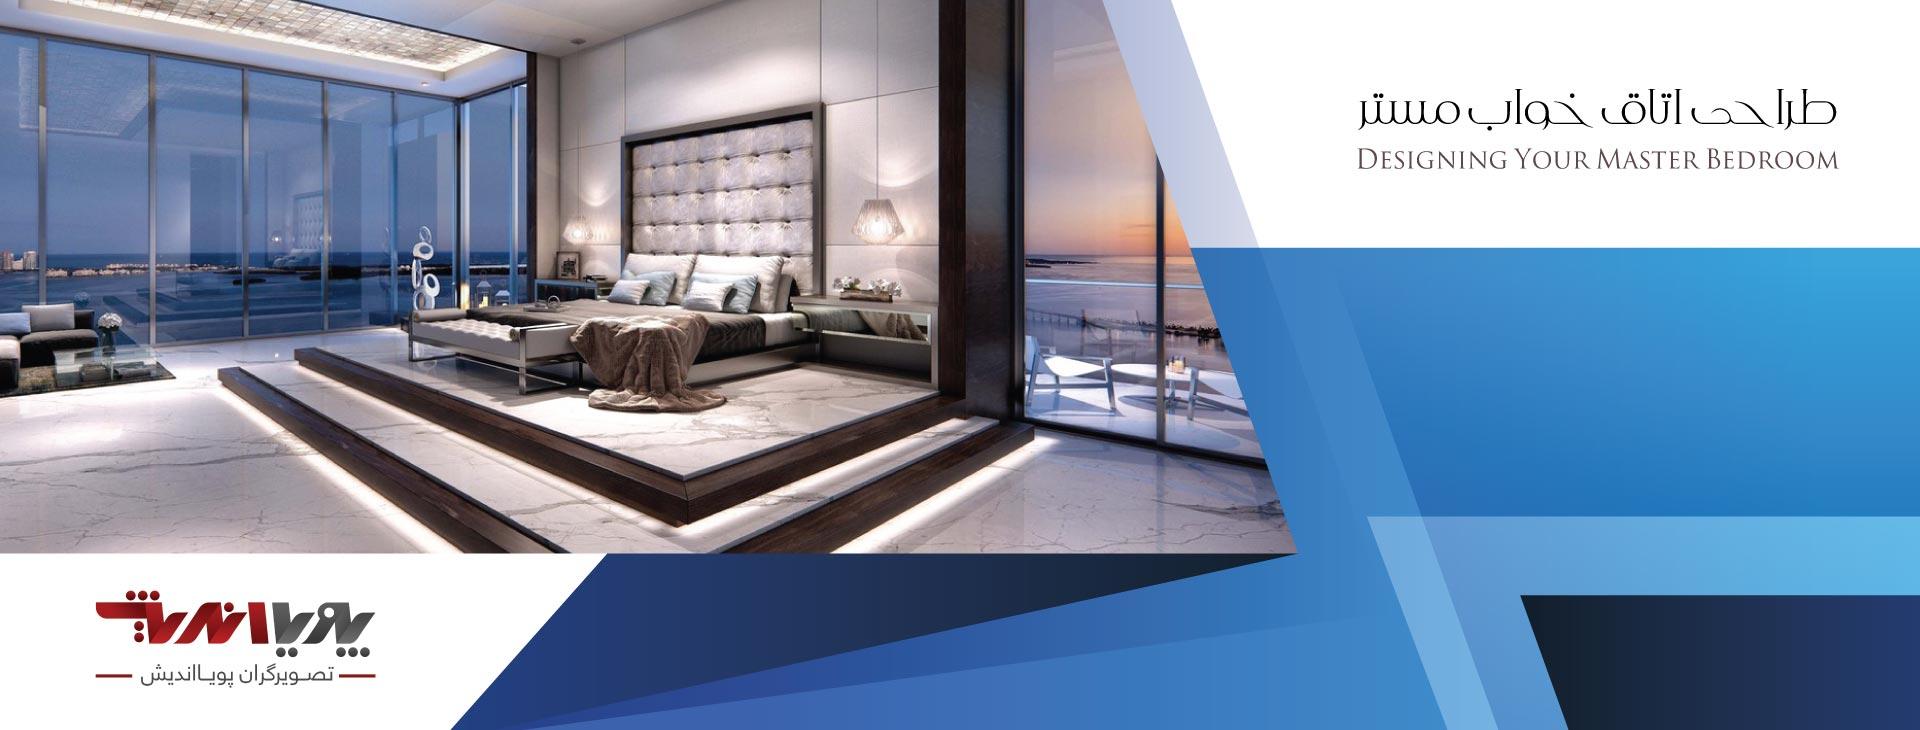 نورپردازی در طراحی اتاق خواب مستر